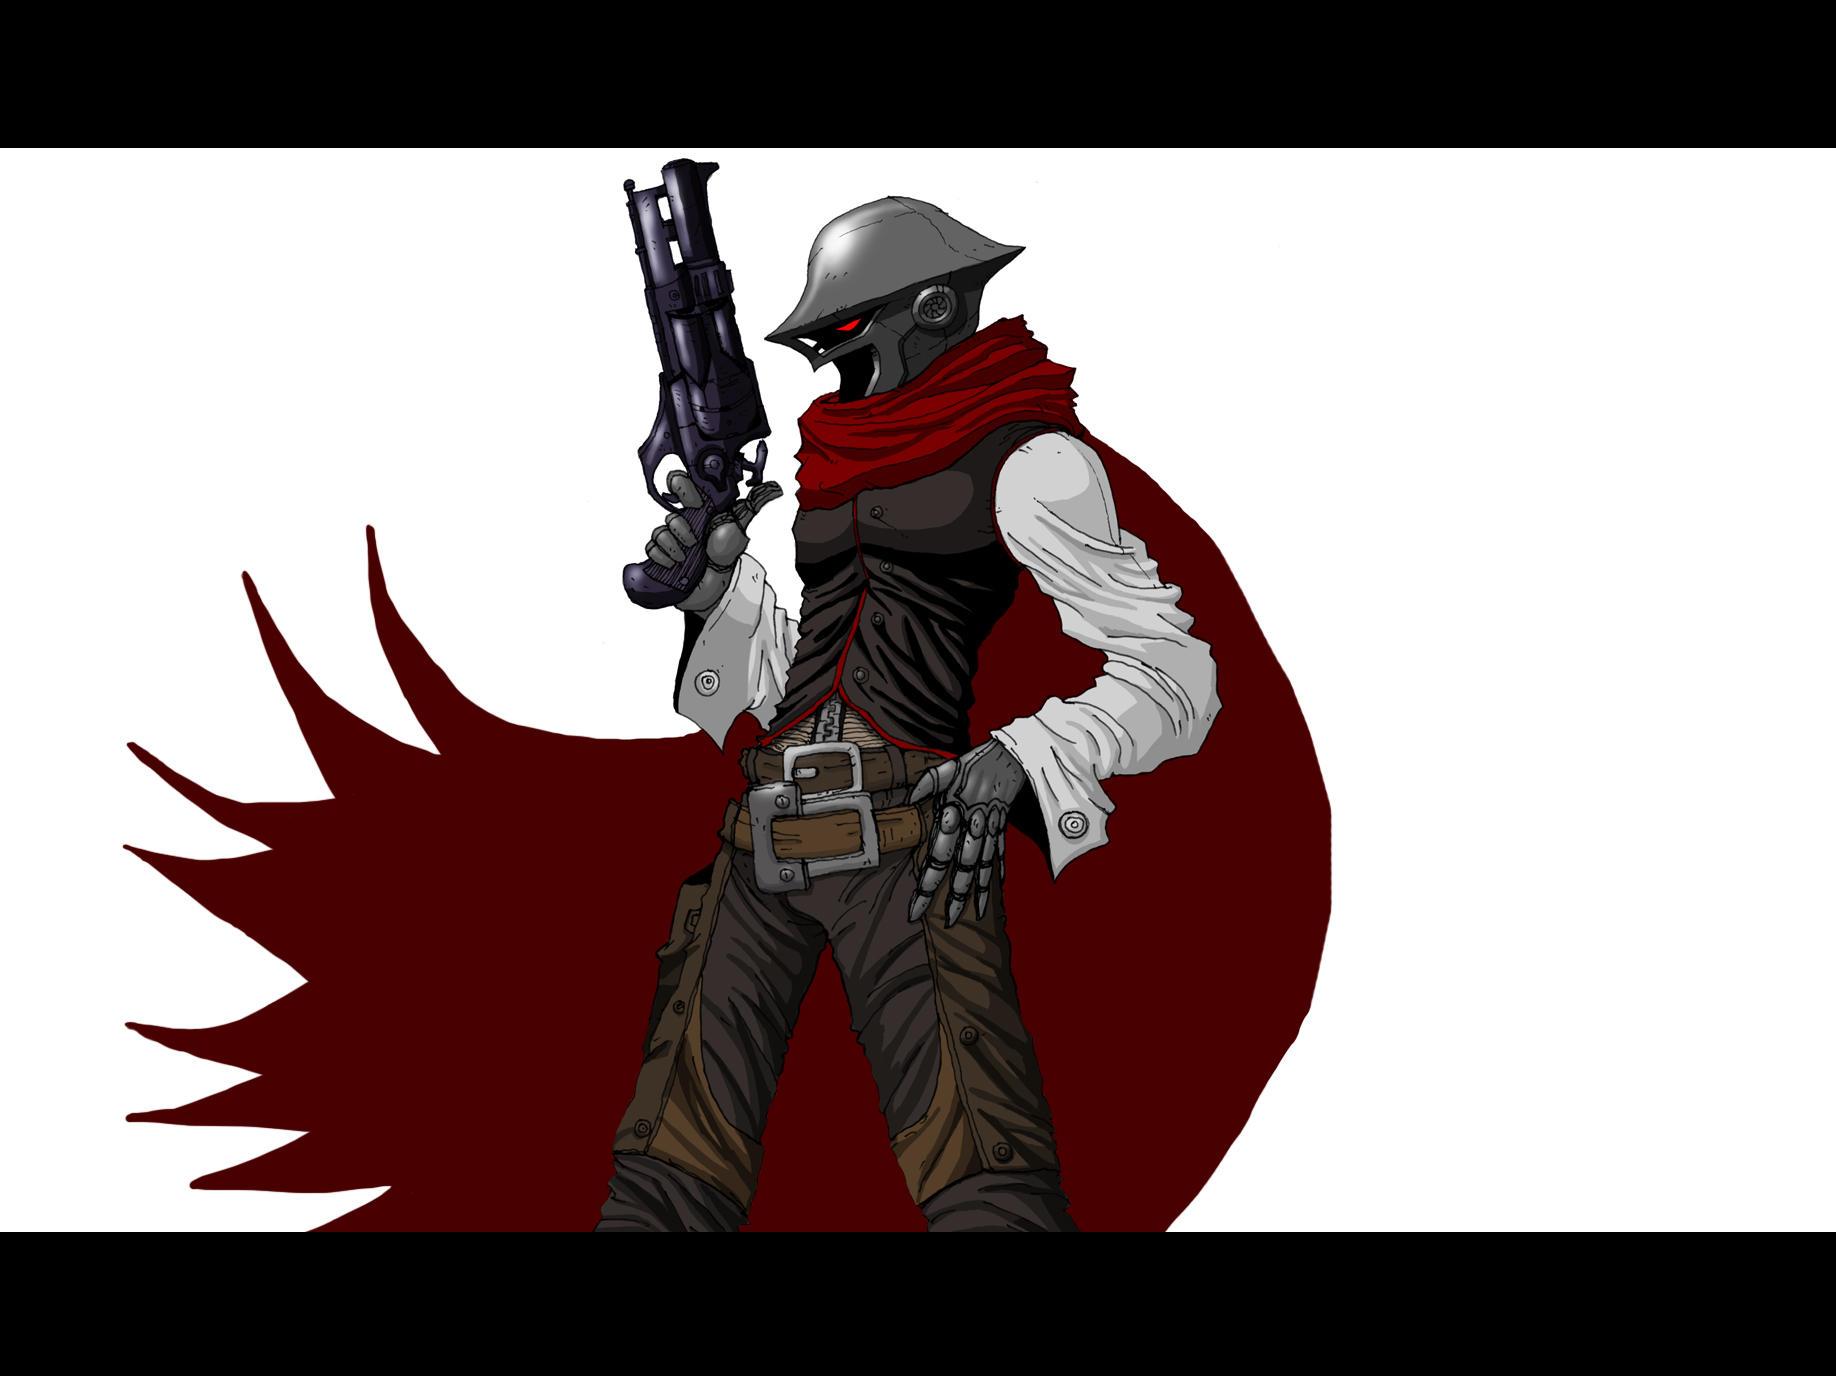 Hell gunfighter dogram by piopaulosantana on deviantart - Gunfighter wallpaper ...